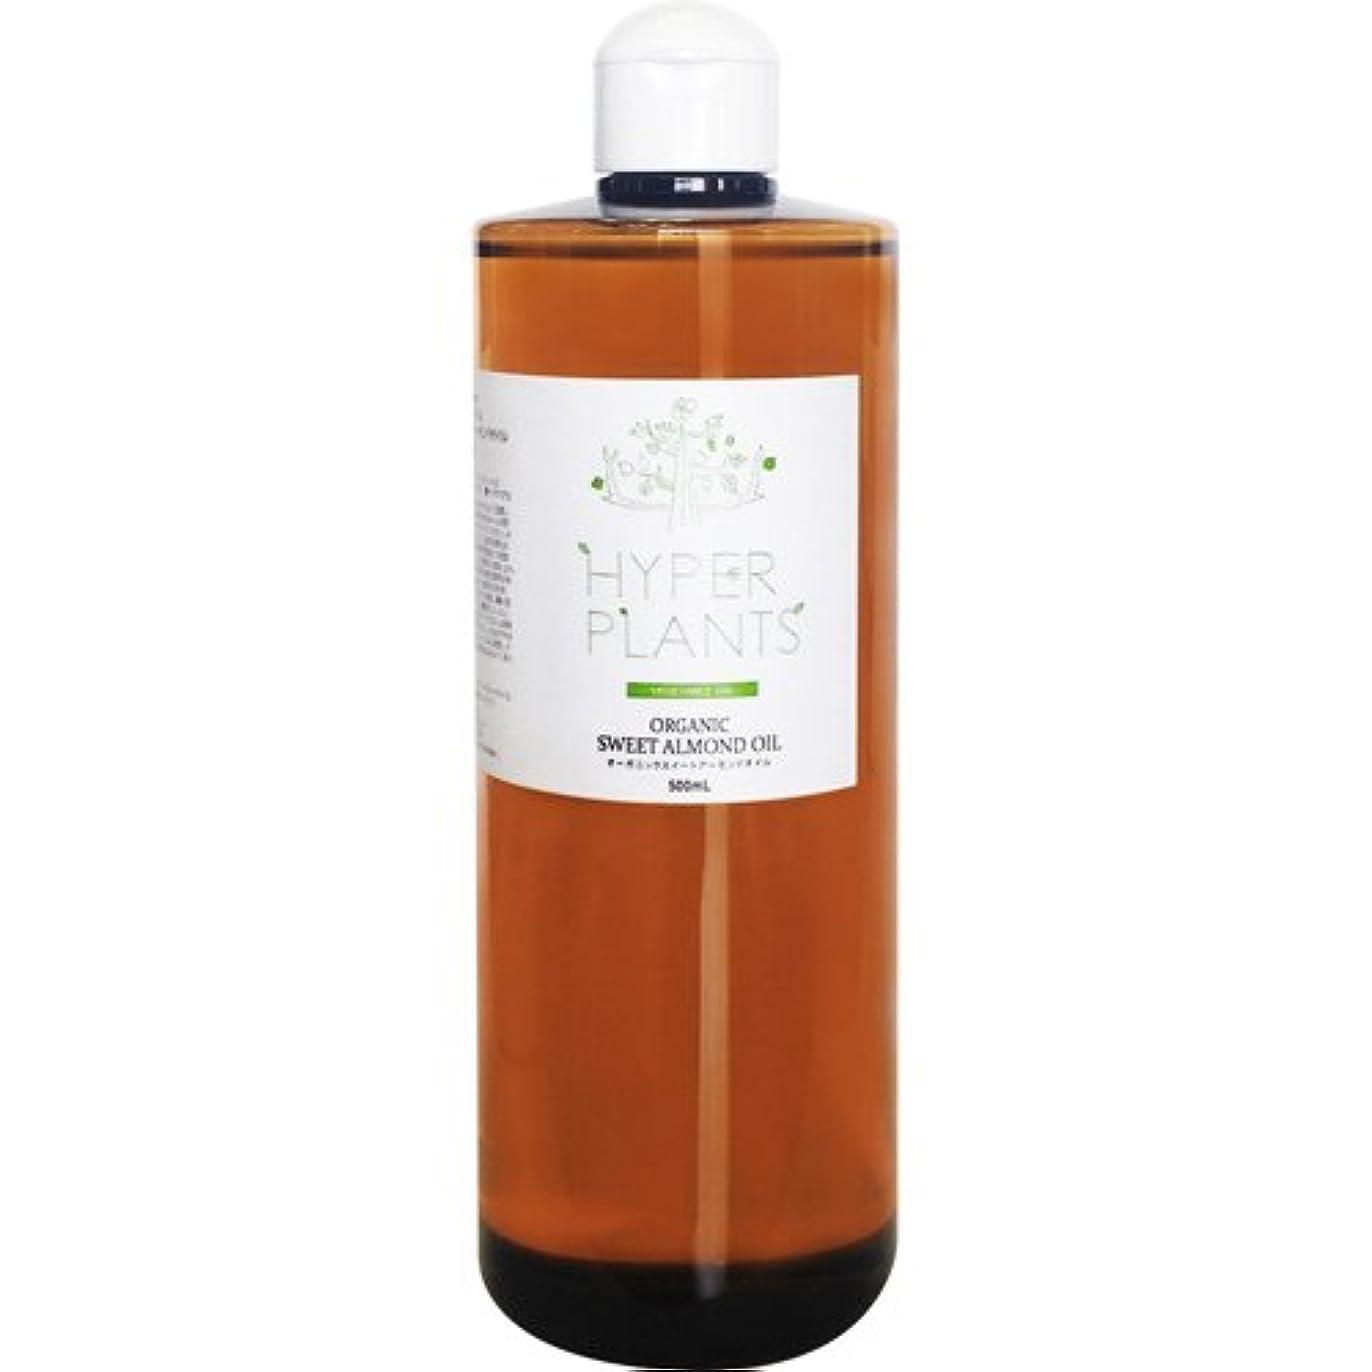 緑鉛筆減衰HYPER PLANTS ハイパープランツ キャリアオイル オーガニックスイートアーモンドオイル 500ml HVG055